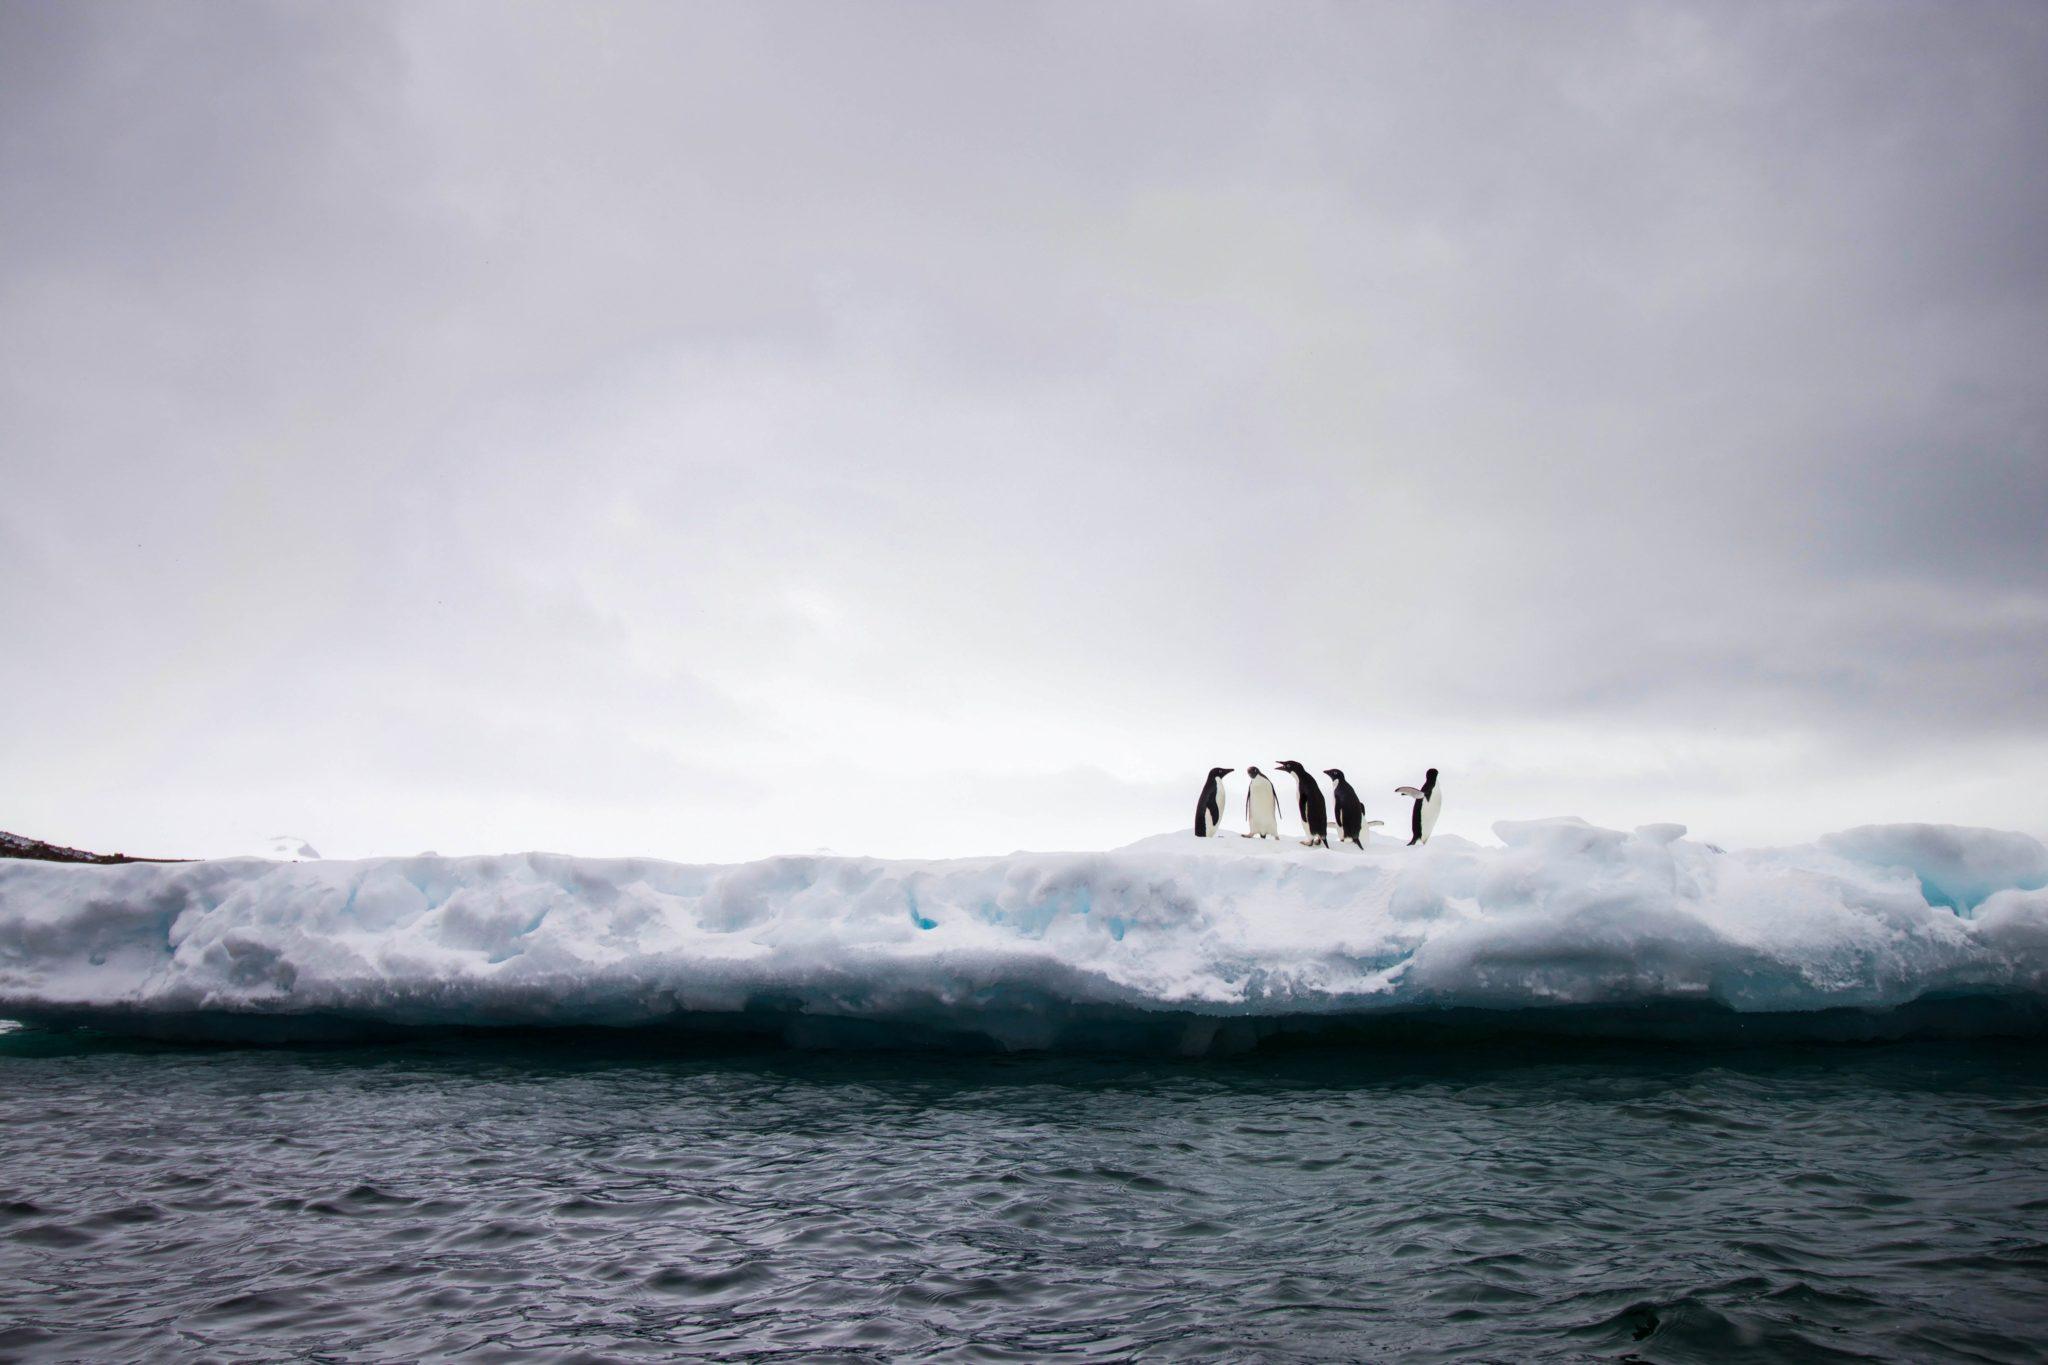 Fünf Pinguine stehen auf dem Eis vor der Kante zum Meer